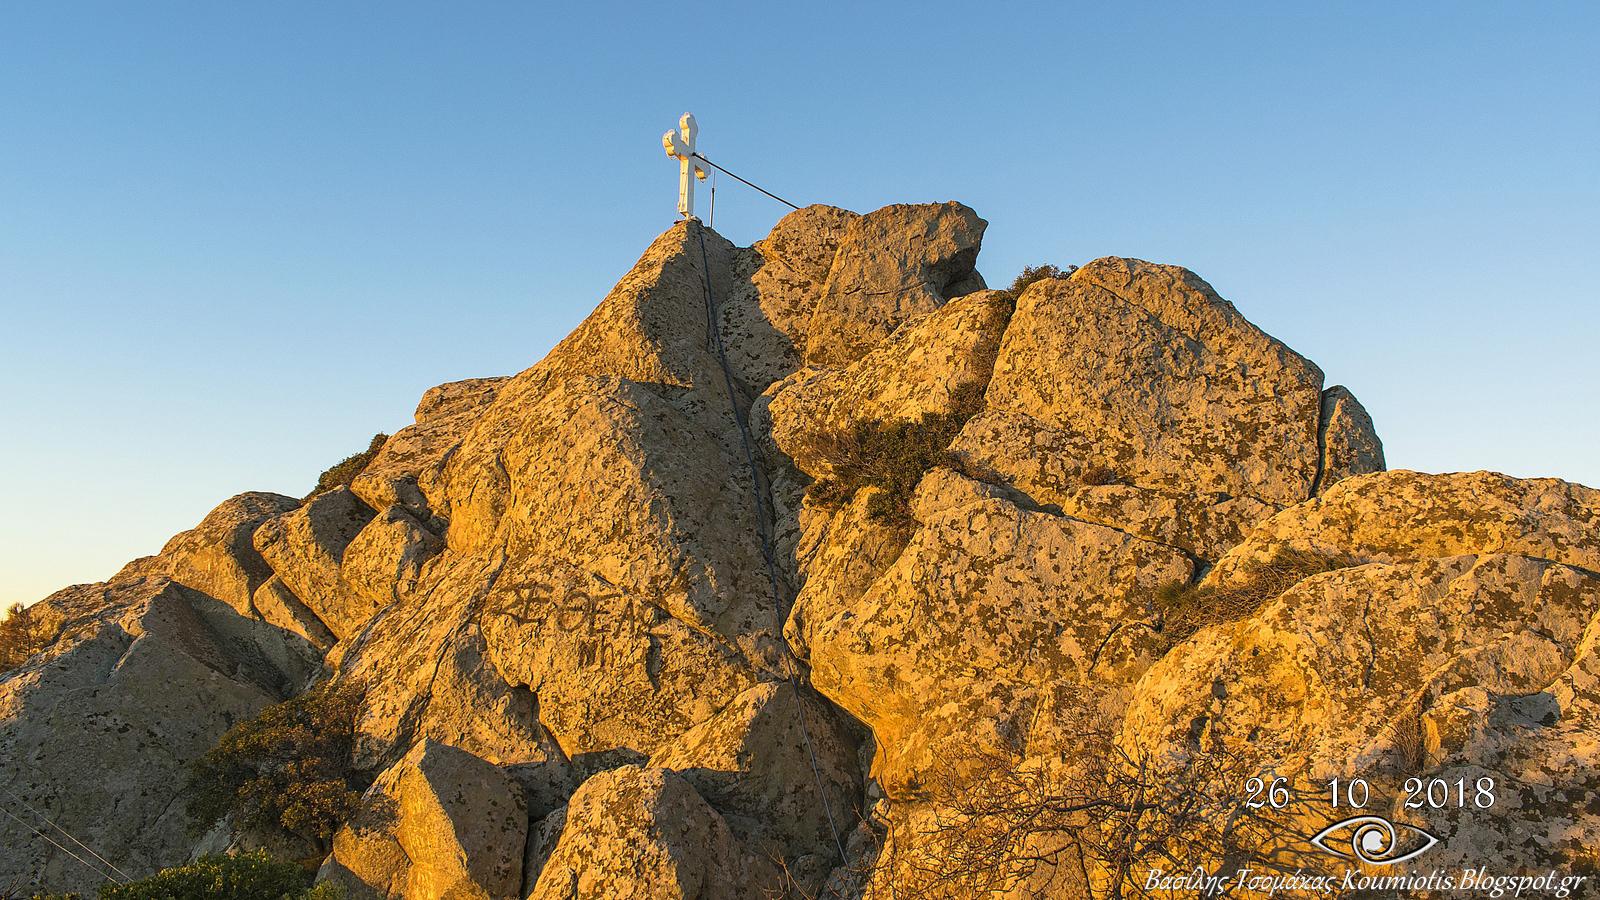 """Πριν 200 χρόνια οι κάτοικοι του χωριού, κουβαλώντας τις πέτρες με χέρια, έφτιαξαν την γραφική Εκκλησία της """"Παναγίας της Οξυλιθιώτισσας"""". (Πηγή φωτογραφίας: Βασίλης Τσομάκας)"""